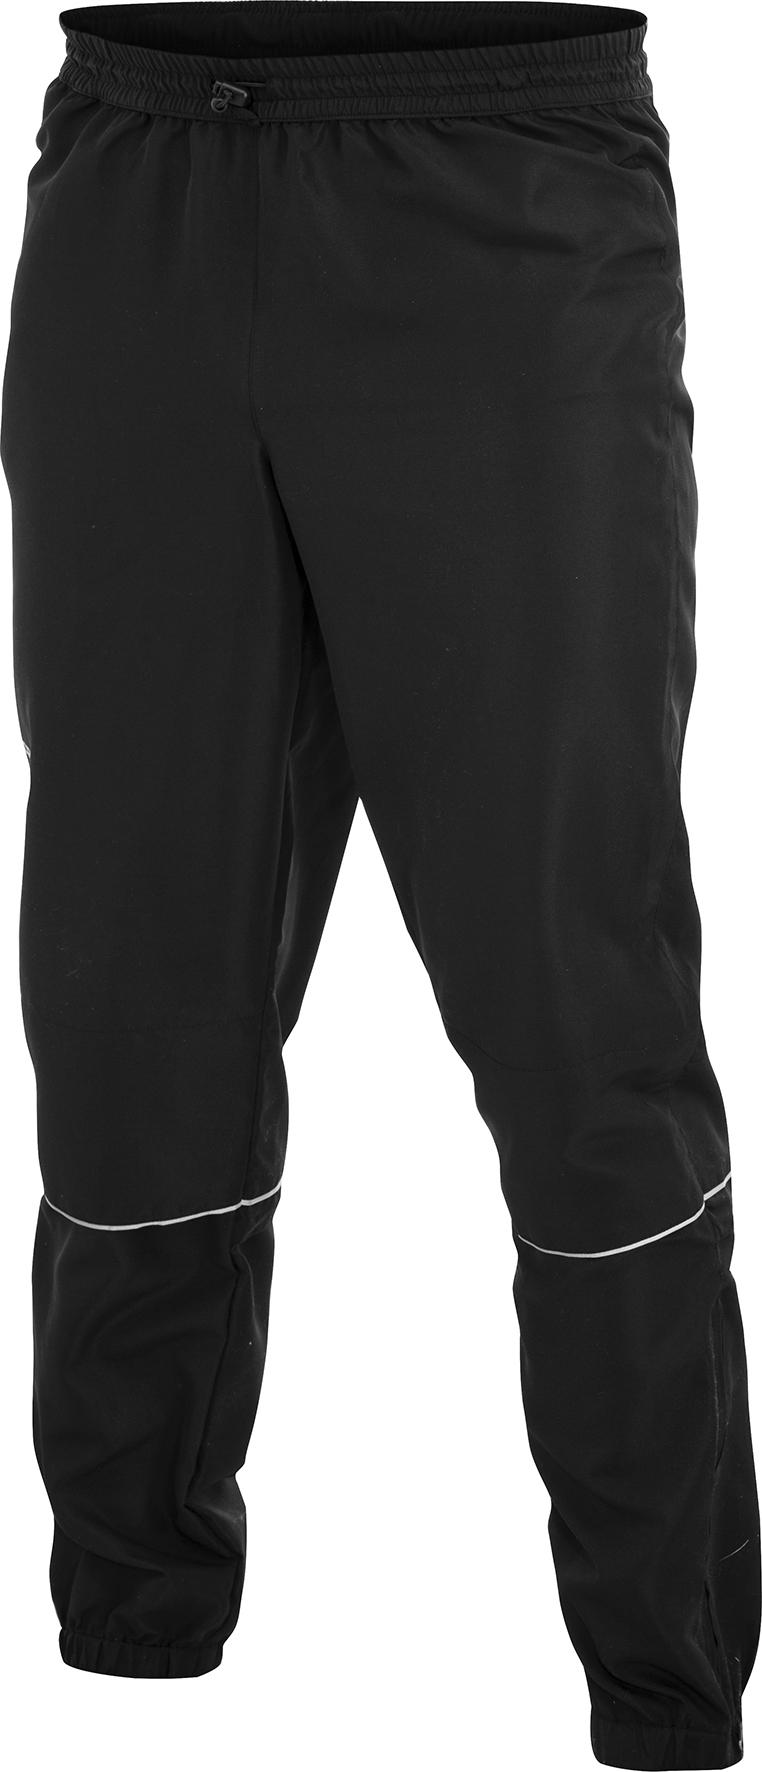 Мужские брюки для бега крафт Active Run (1902219-9999) черные